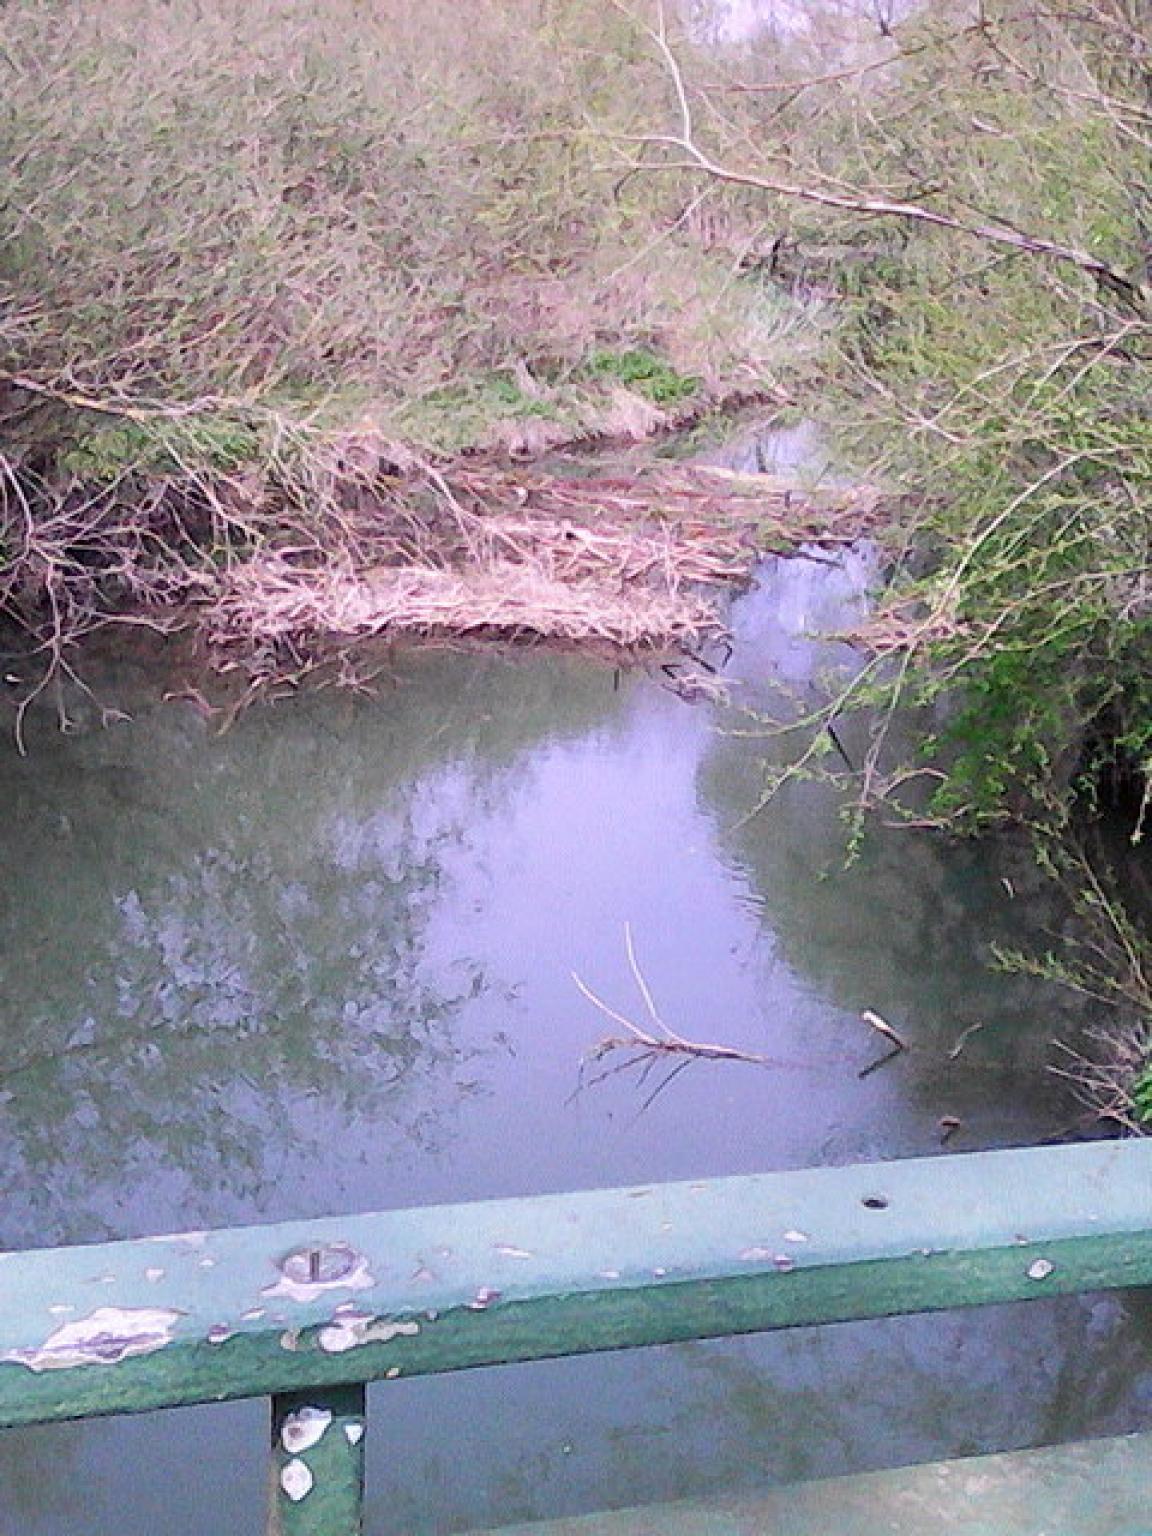 Pollarded trees in Bulstake stream